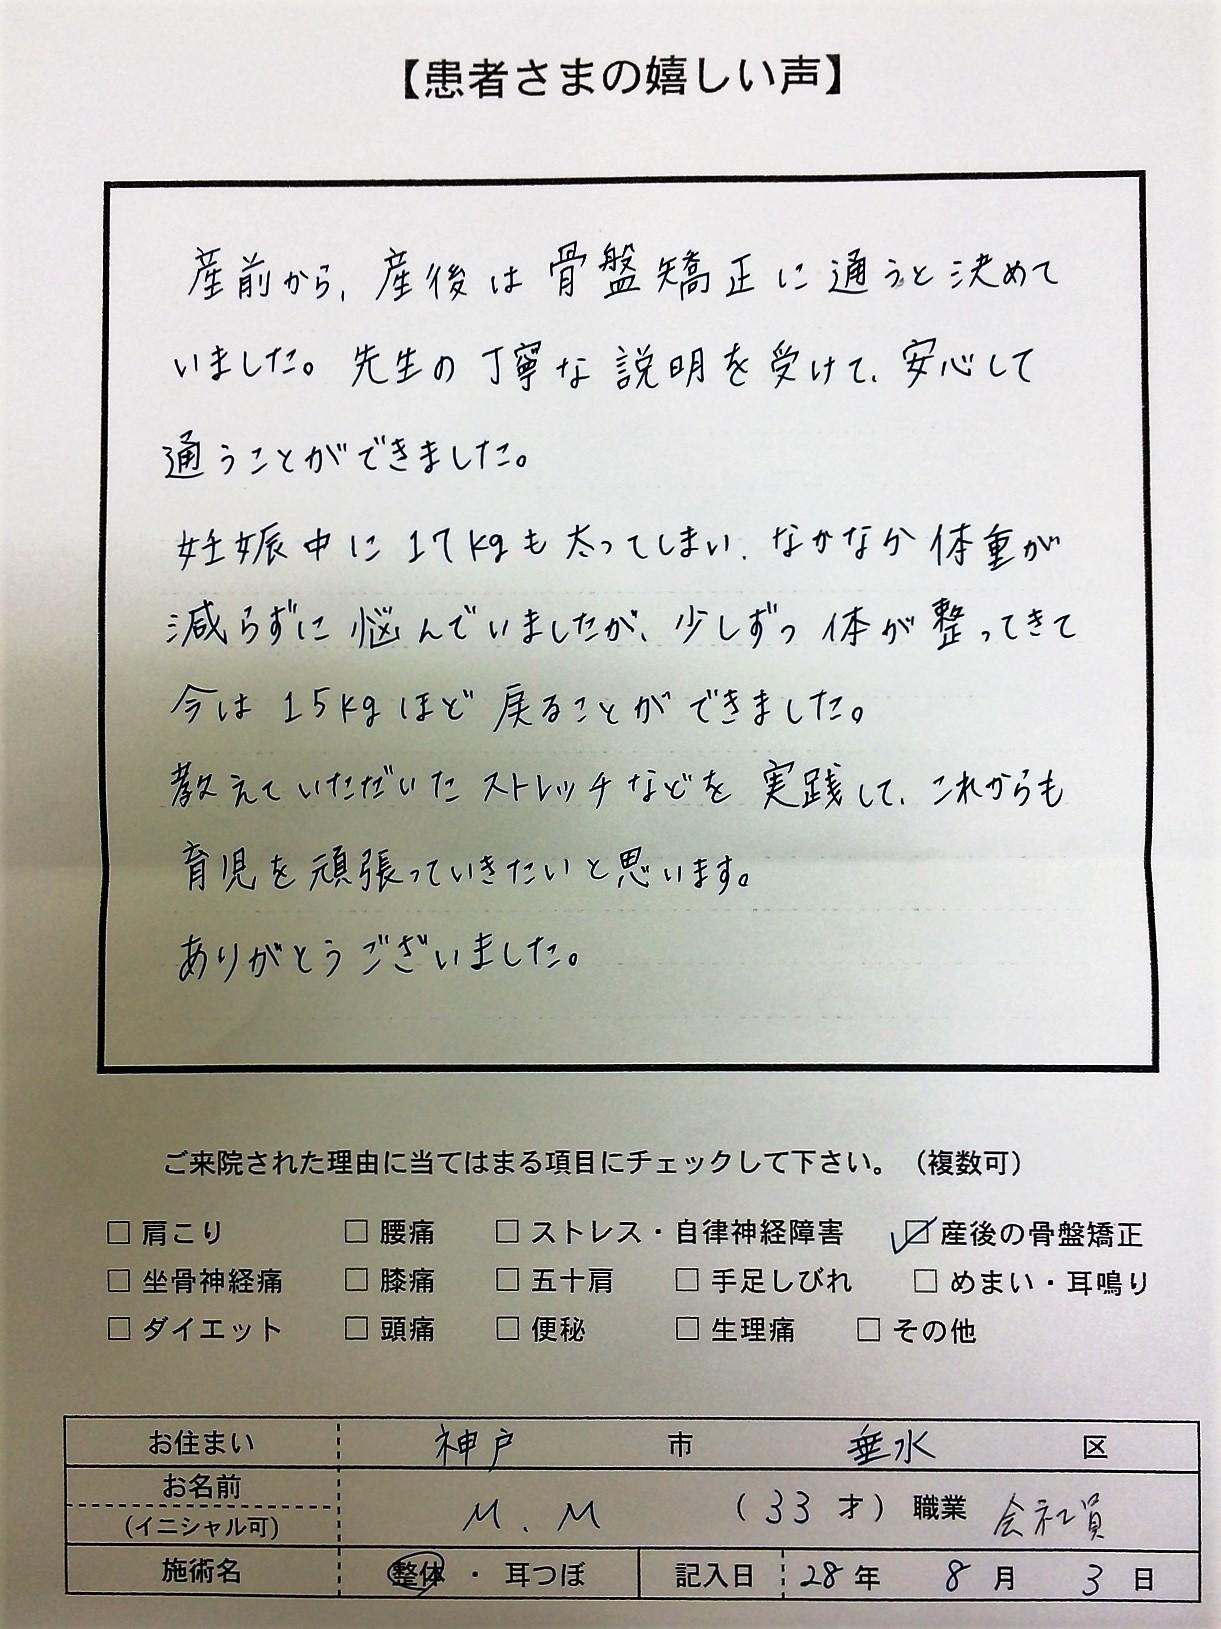 ⑨神戸市垂水区 M.M様 33才 会社員.jpg